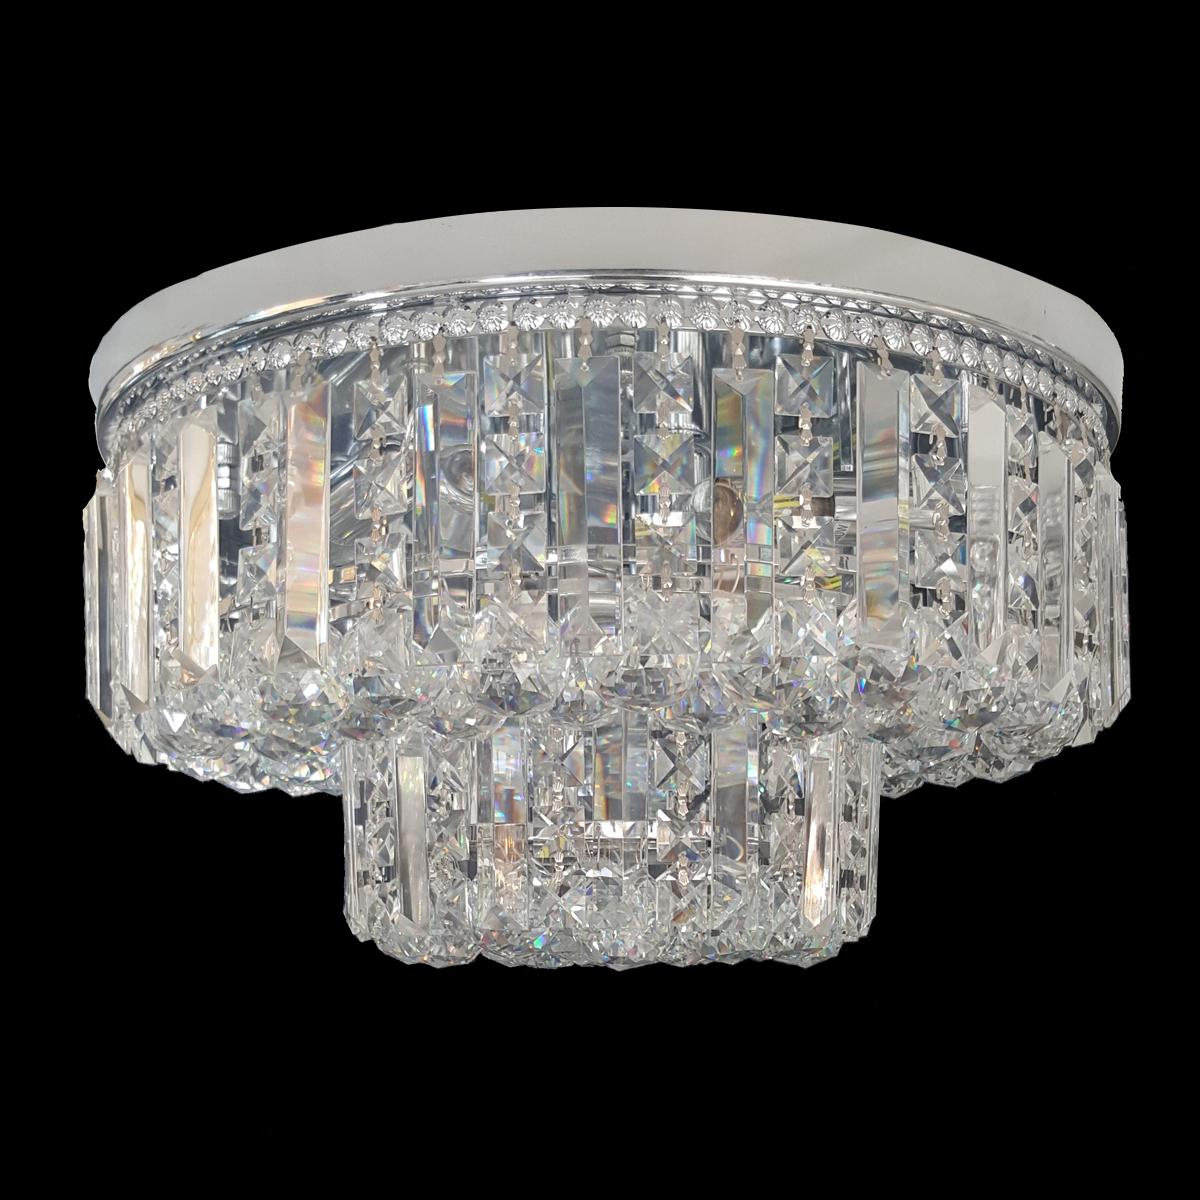 Kent 450 Chrome Ceiling Light - CTCKEN06450CH